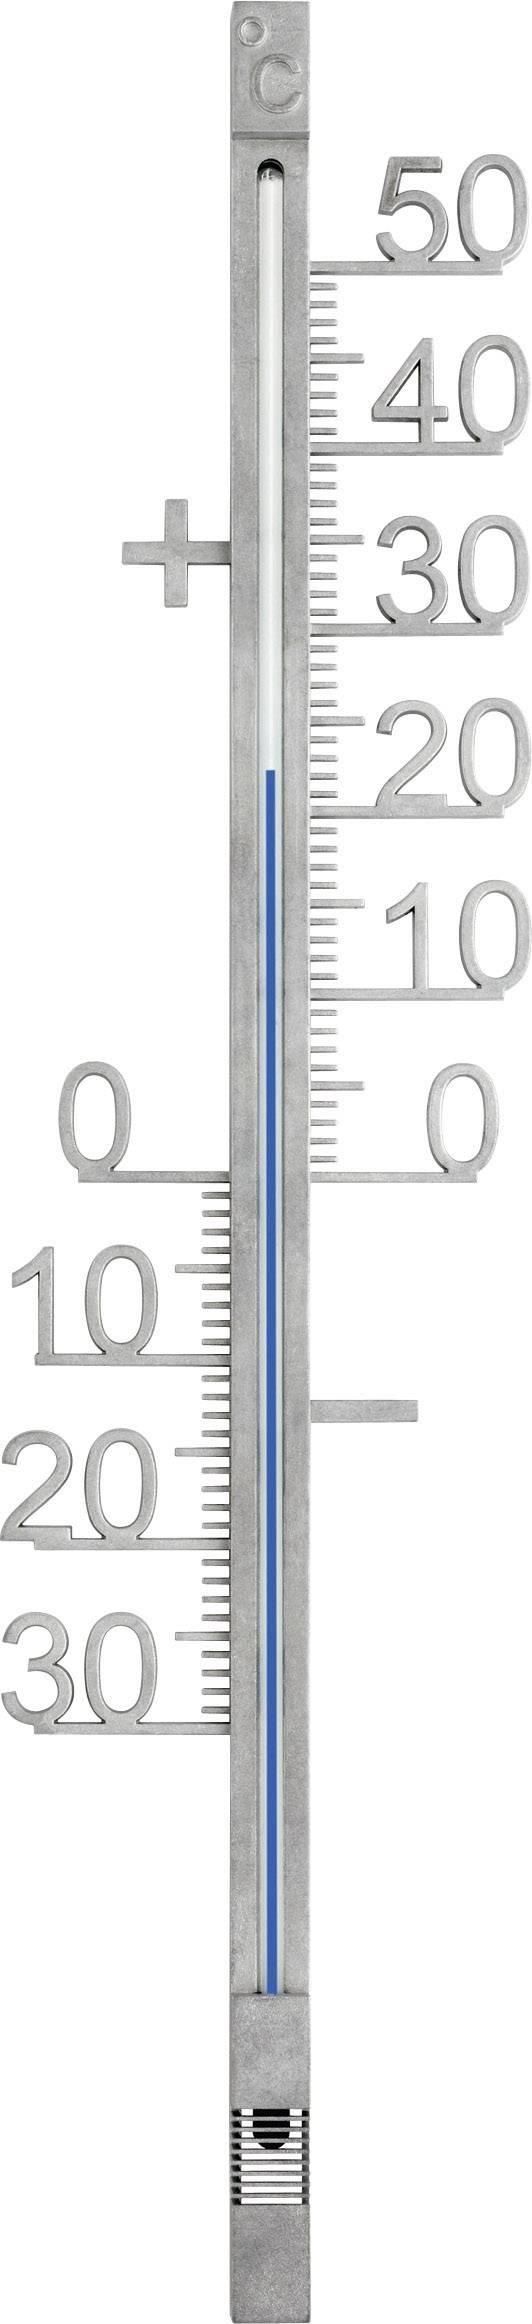 Teplomer TFA 12.5011, kov, strieborná